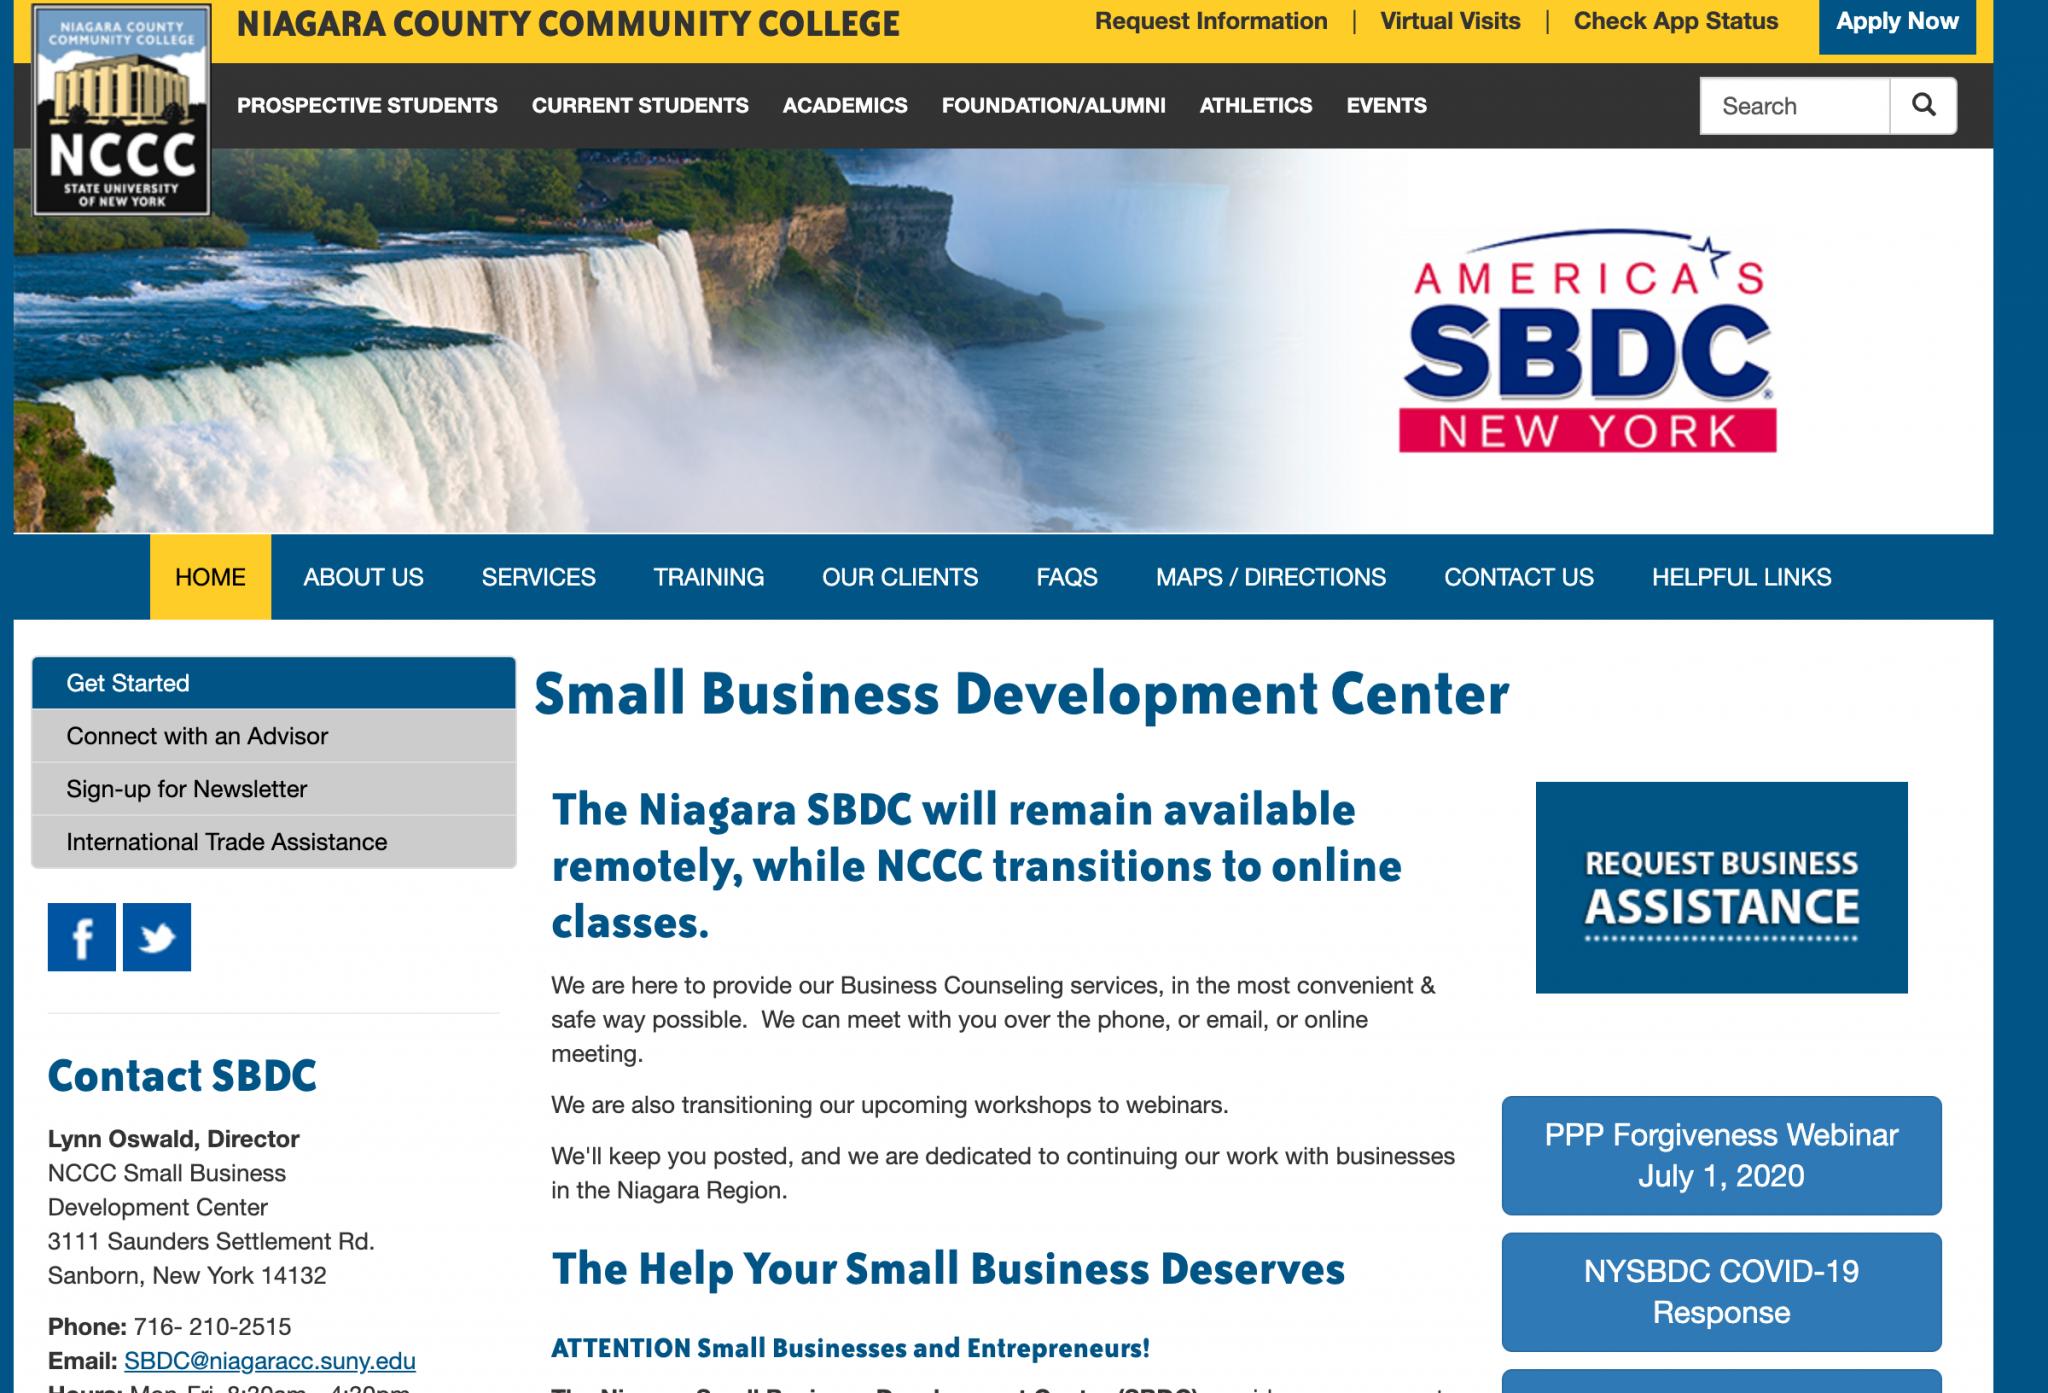 Niagara SBDC